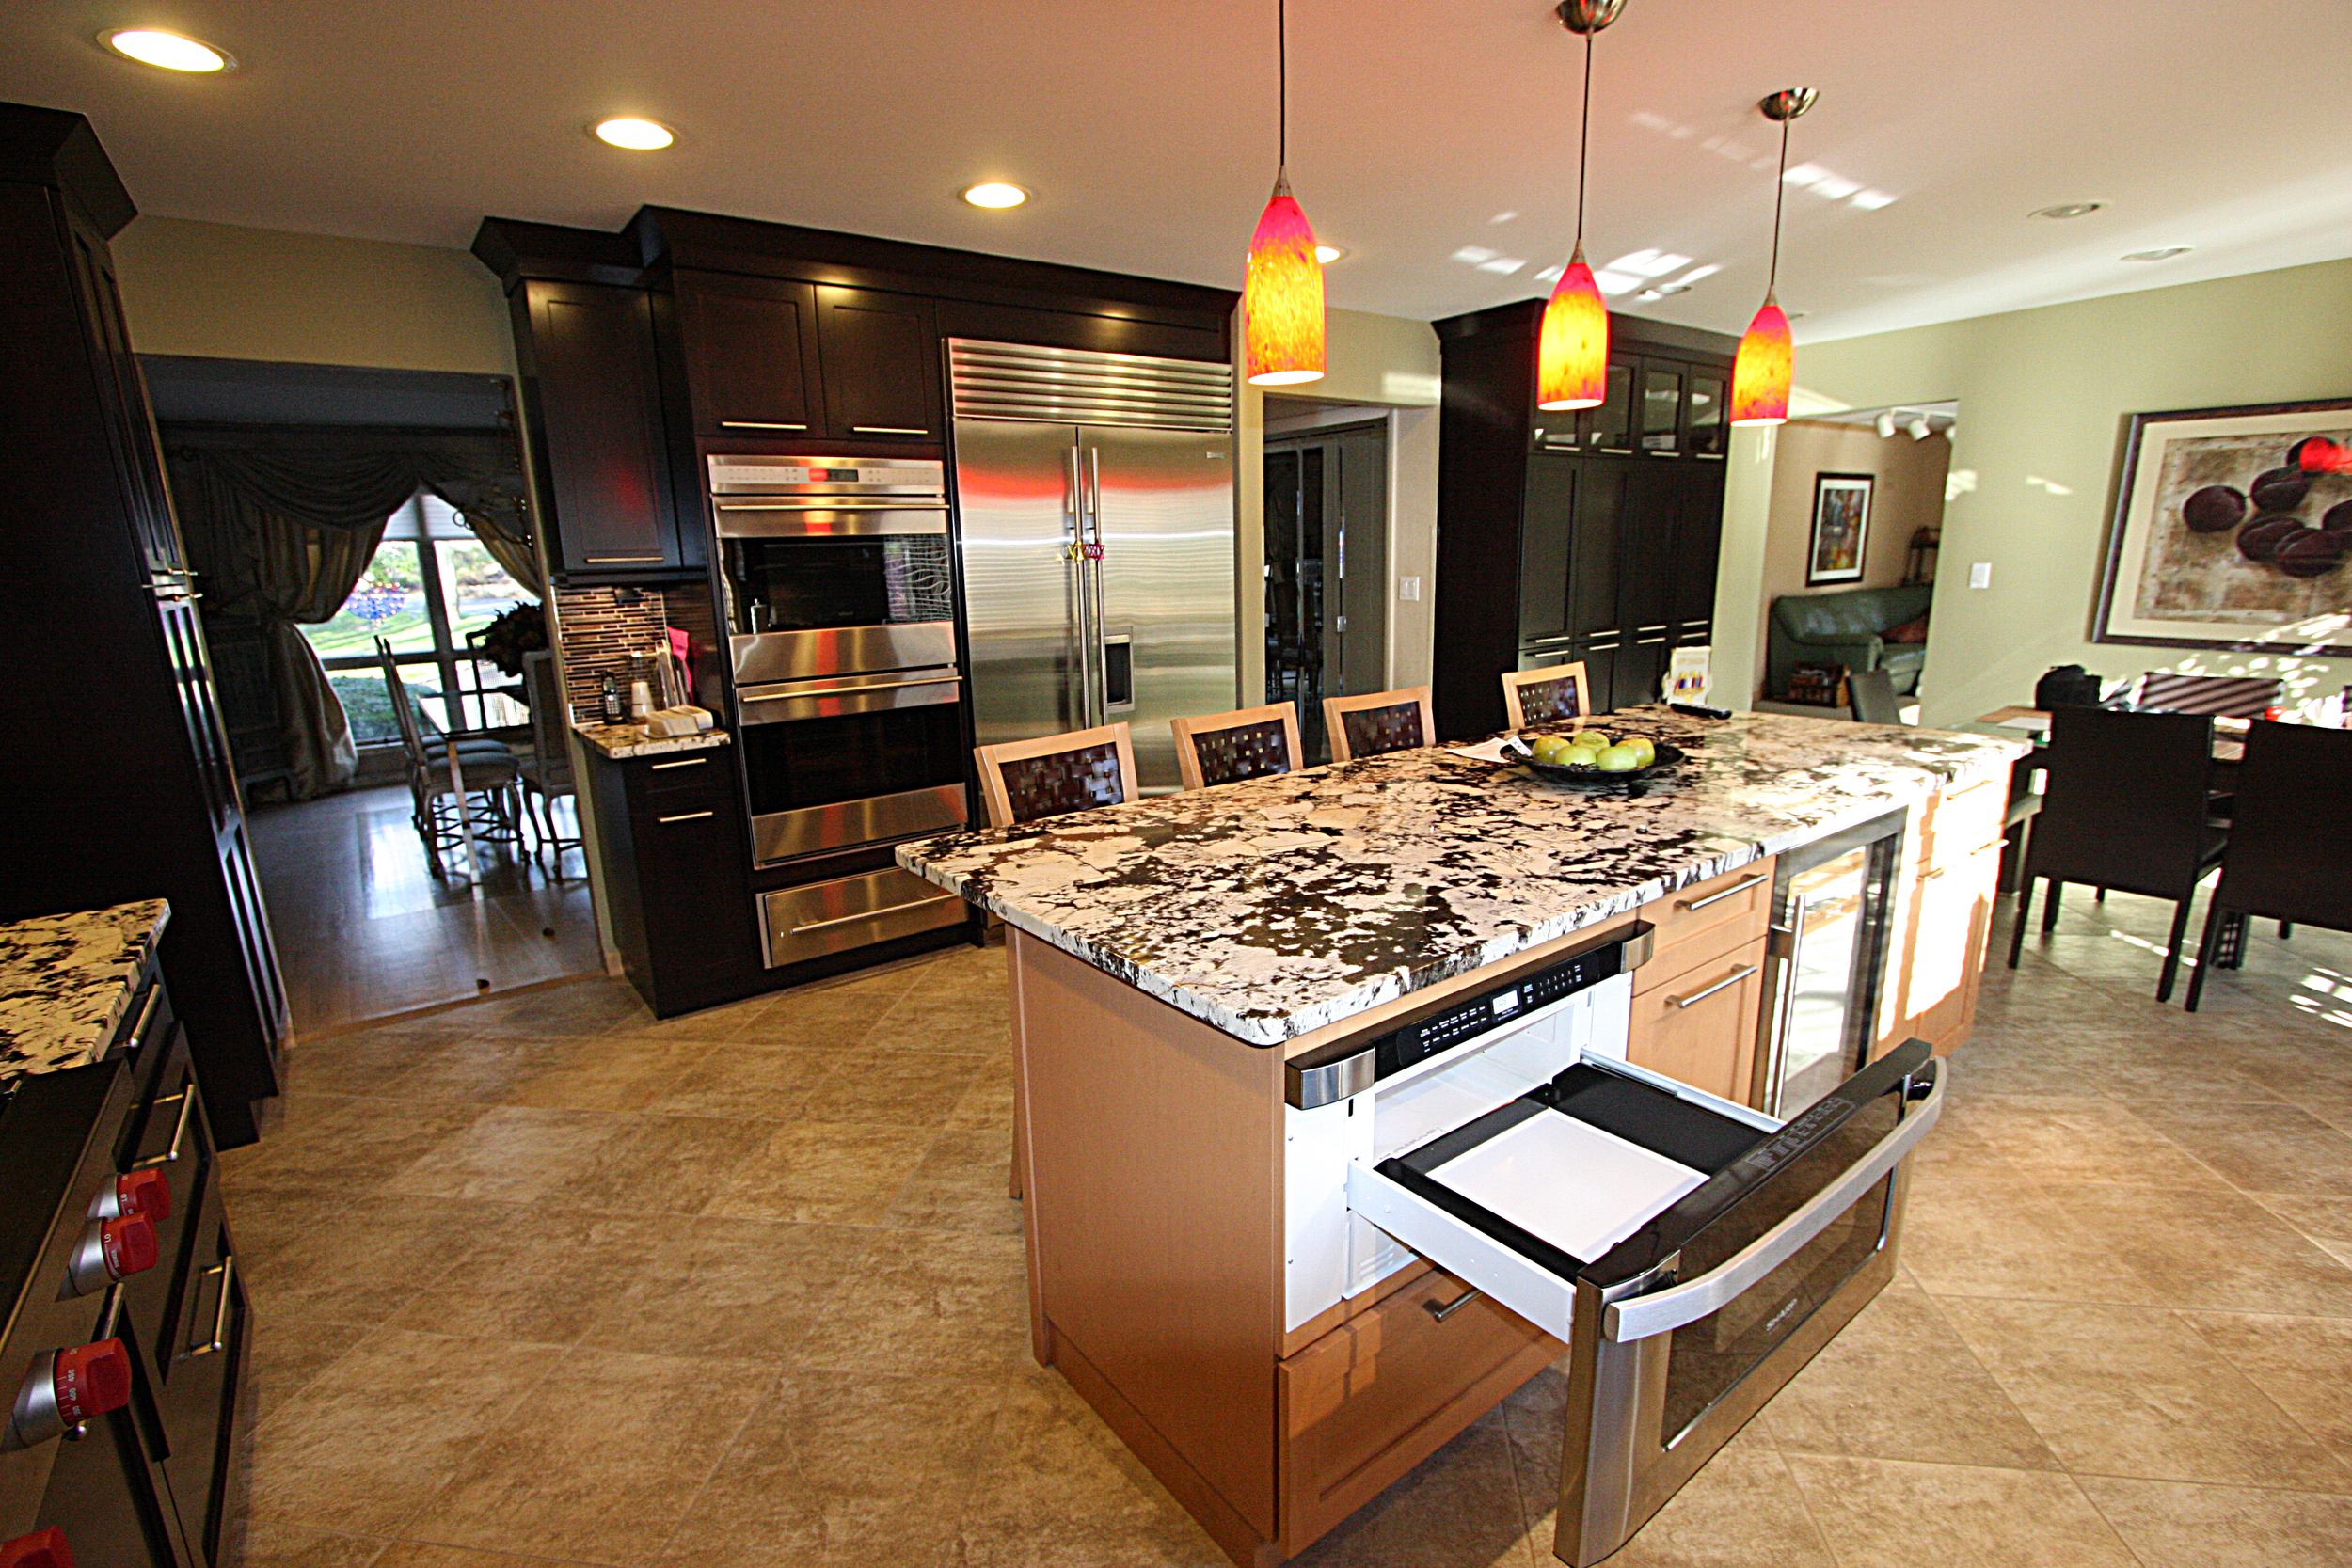 Picture Kitchen 009.jpg